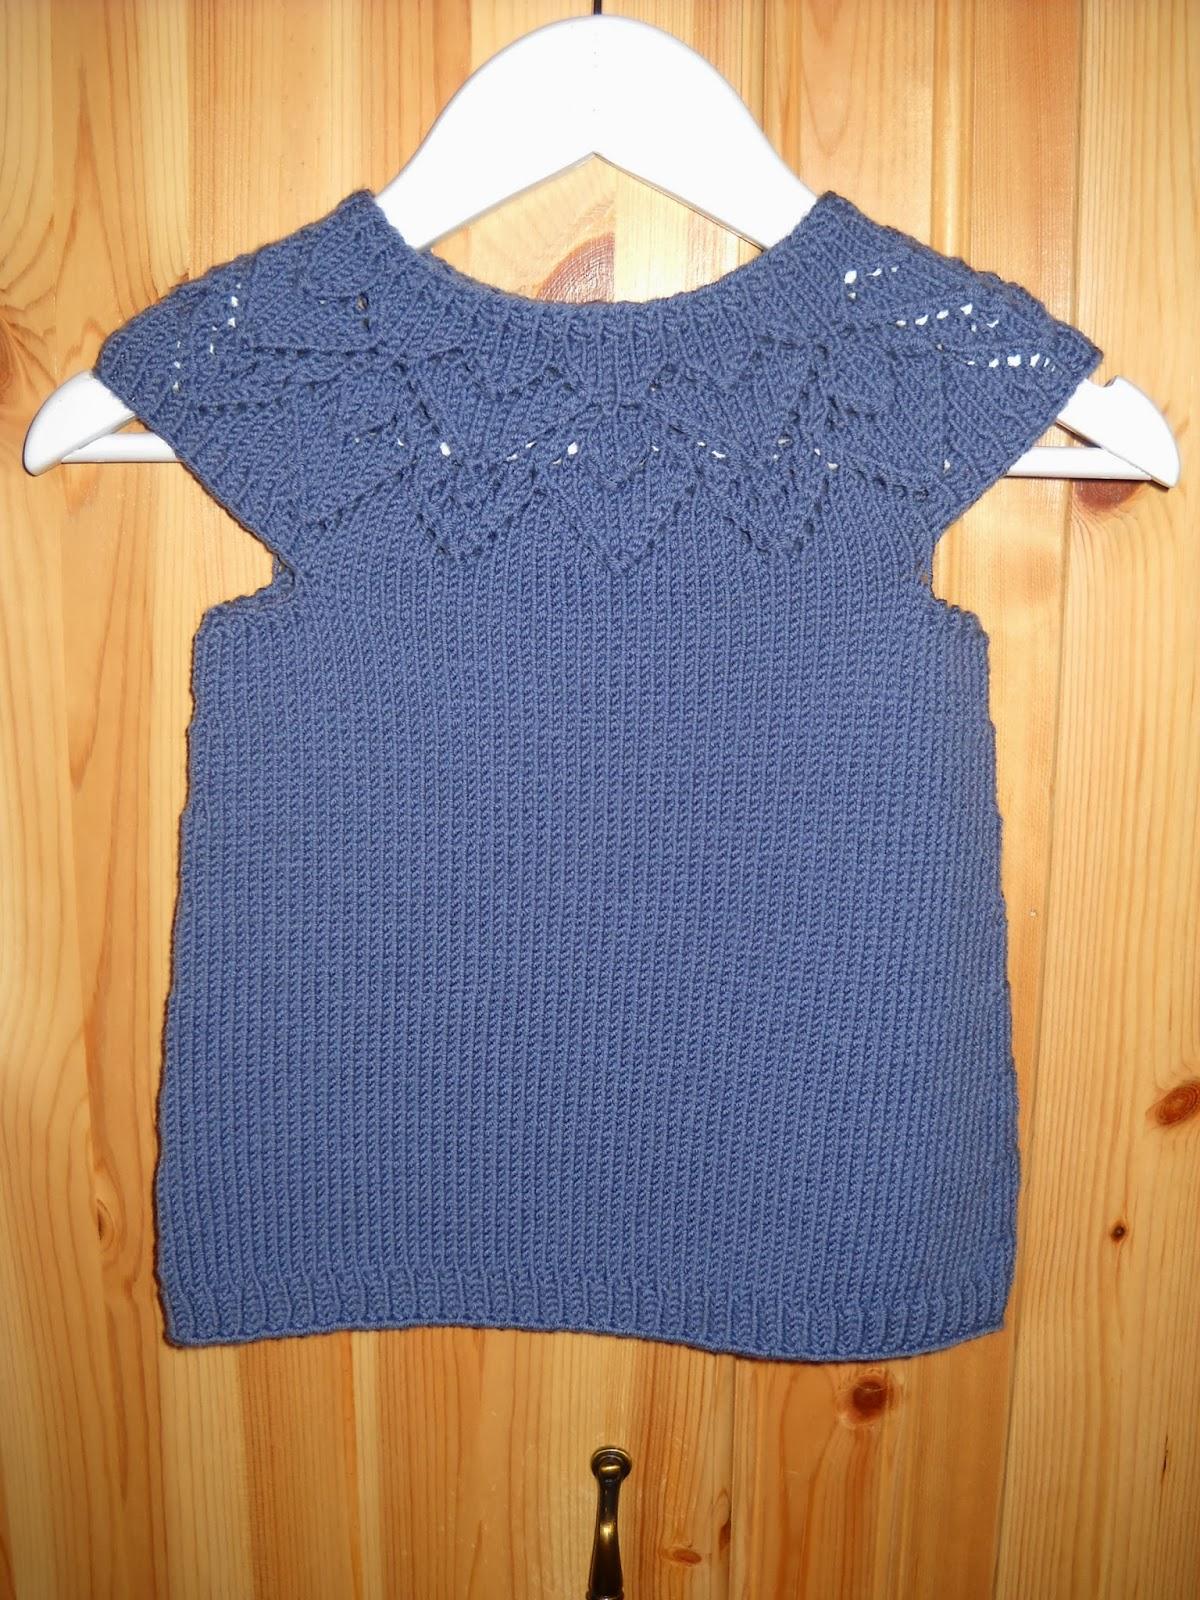 sy kjole til barn mønster leirvik